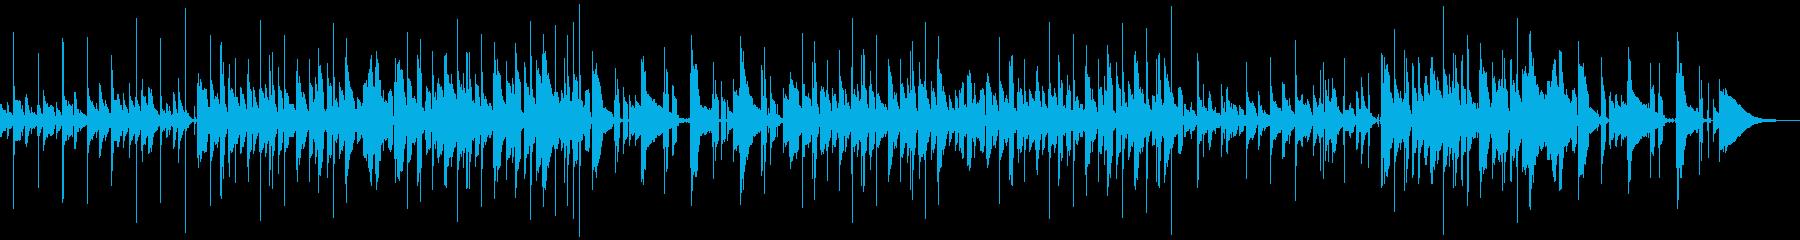 ピアノがメインの落ち着いたHiphopの再生済みの波形